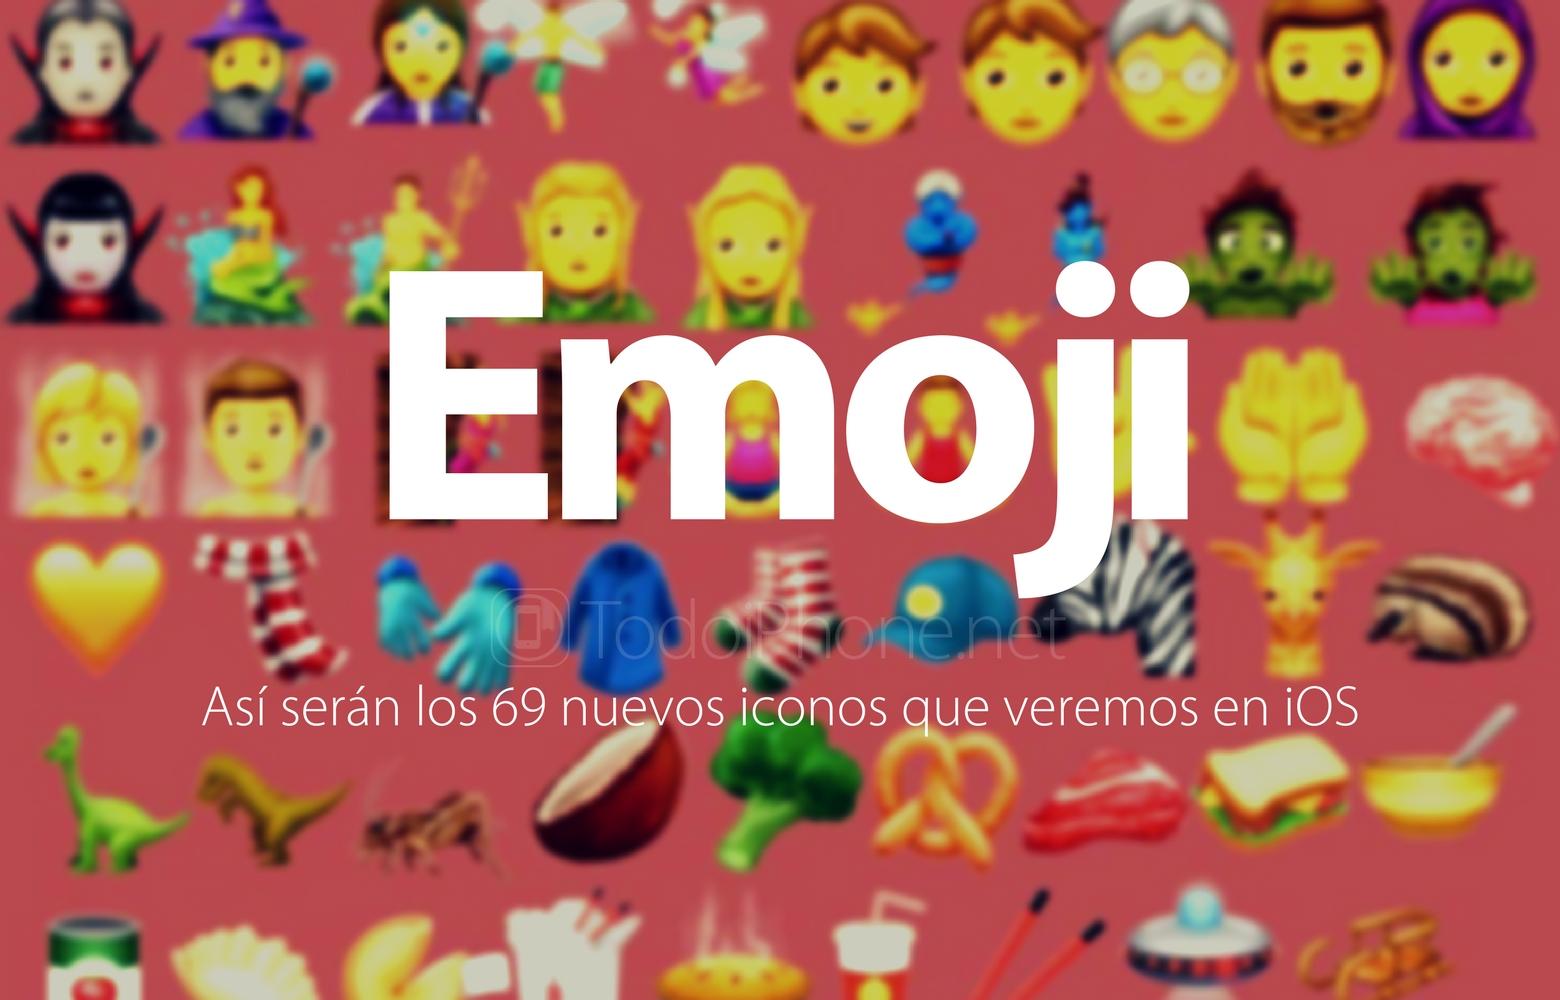 todoiphone.net - Emoji: así serán los 69 nuevos iconos que veremos en iOS